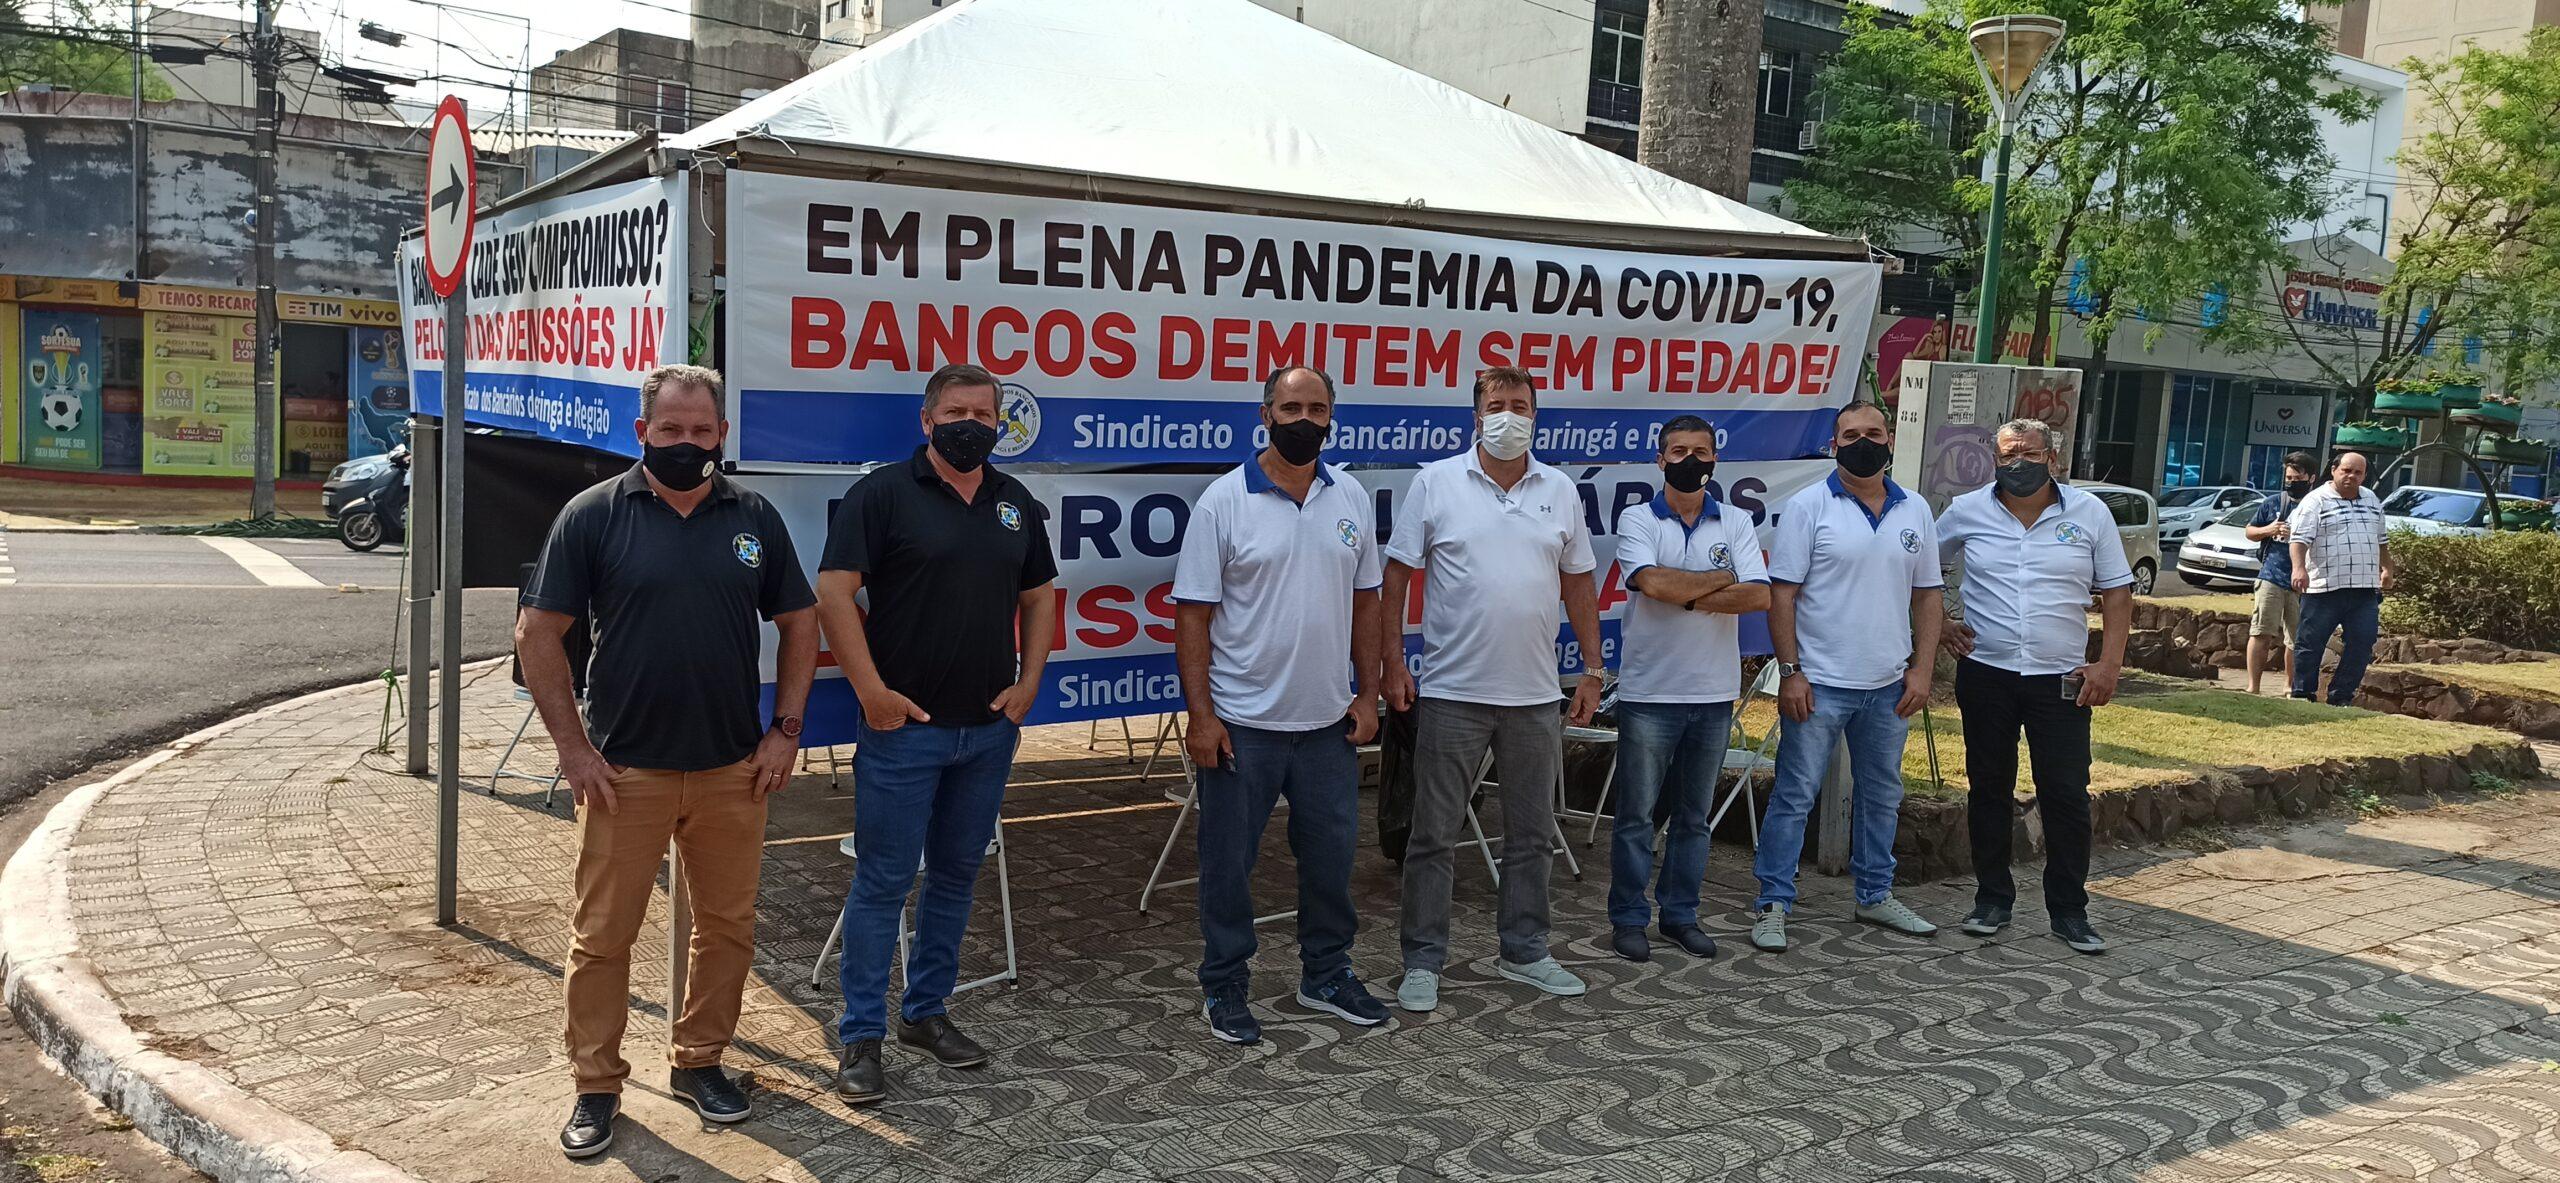 CONTRA ONDA DE DEMISSÕES NOS BANCOS, SINDICATO REALIZA PROTESTO NO CENTRO DE MARINGÁ